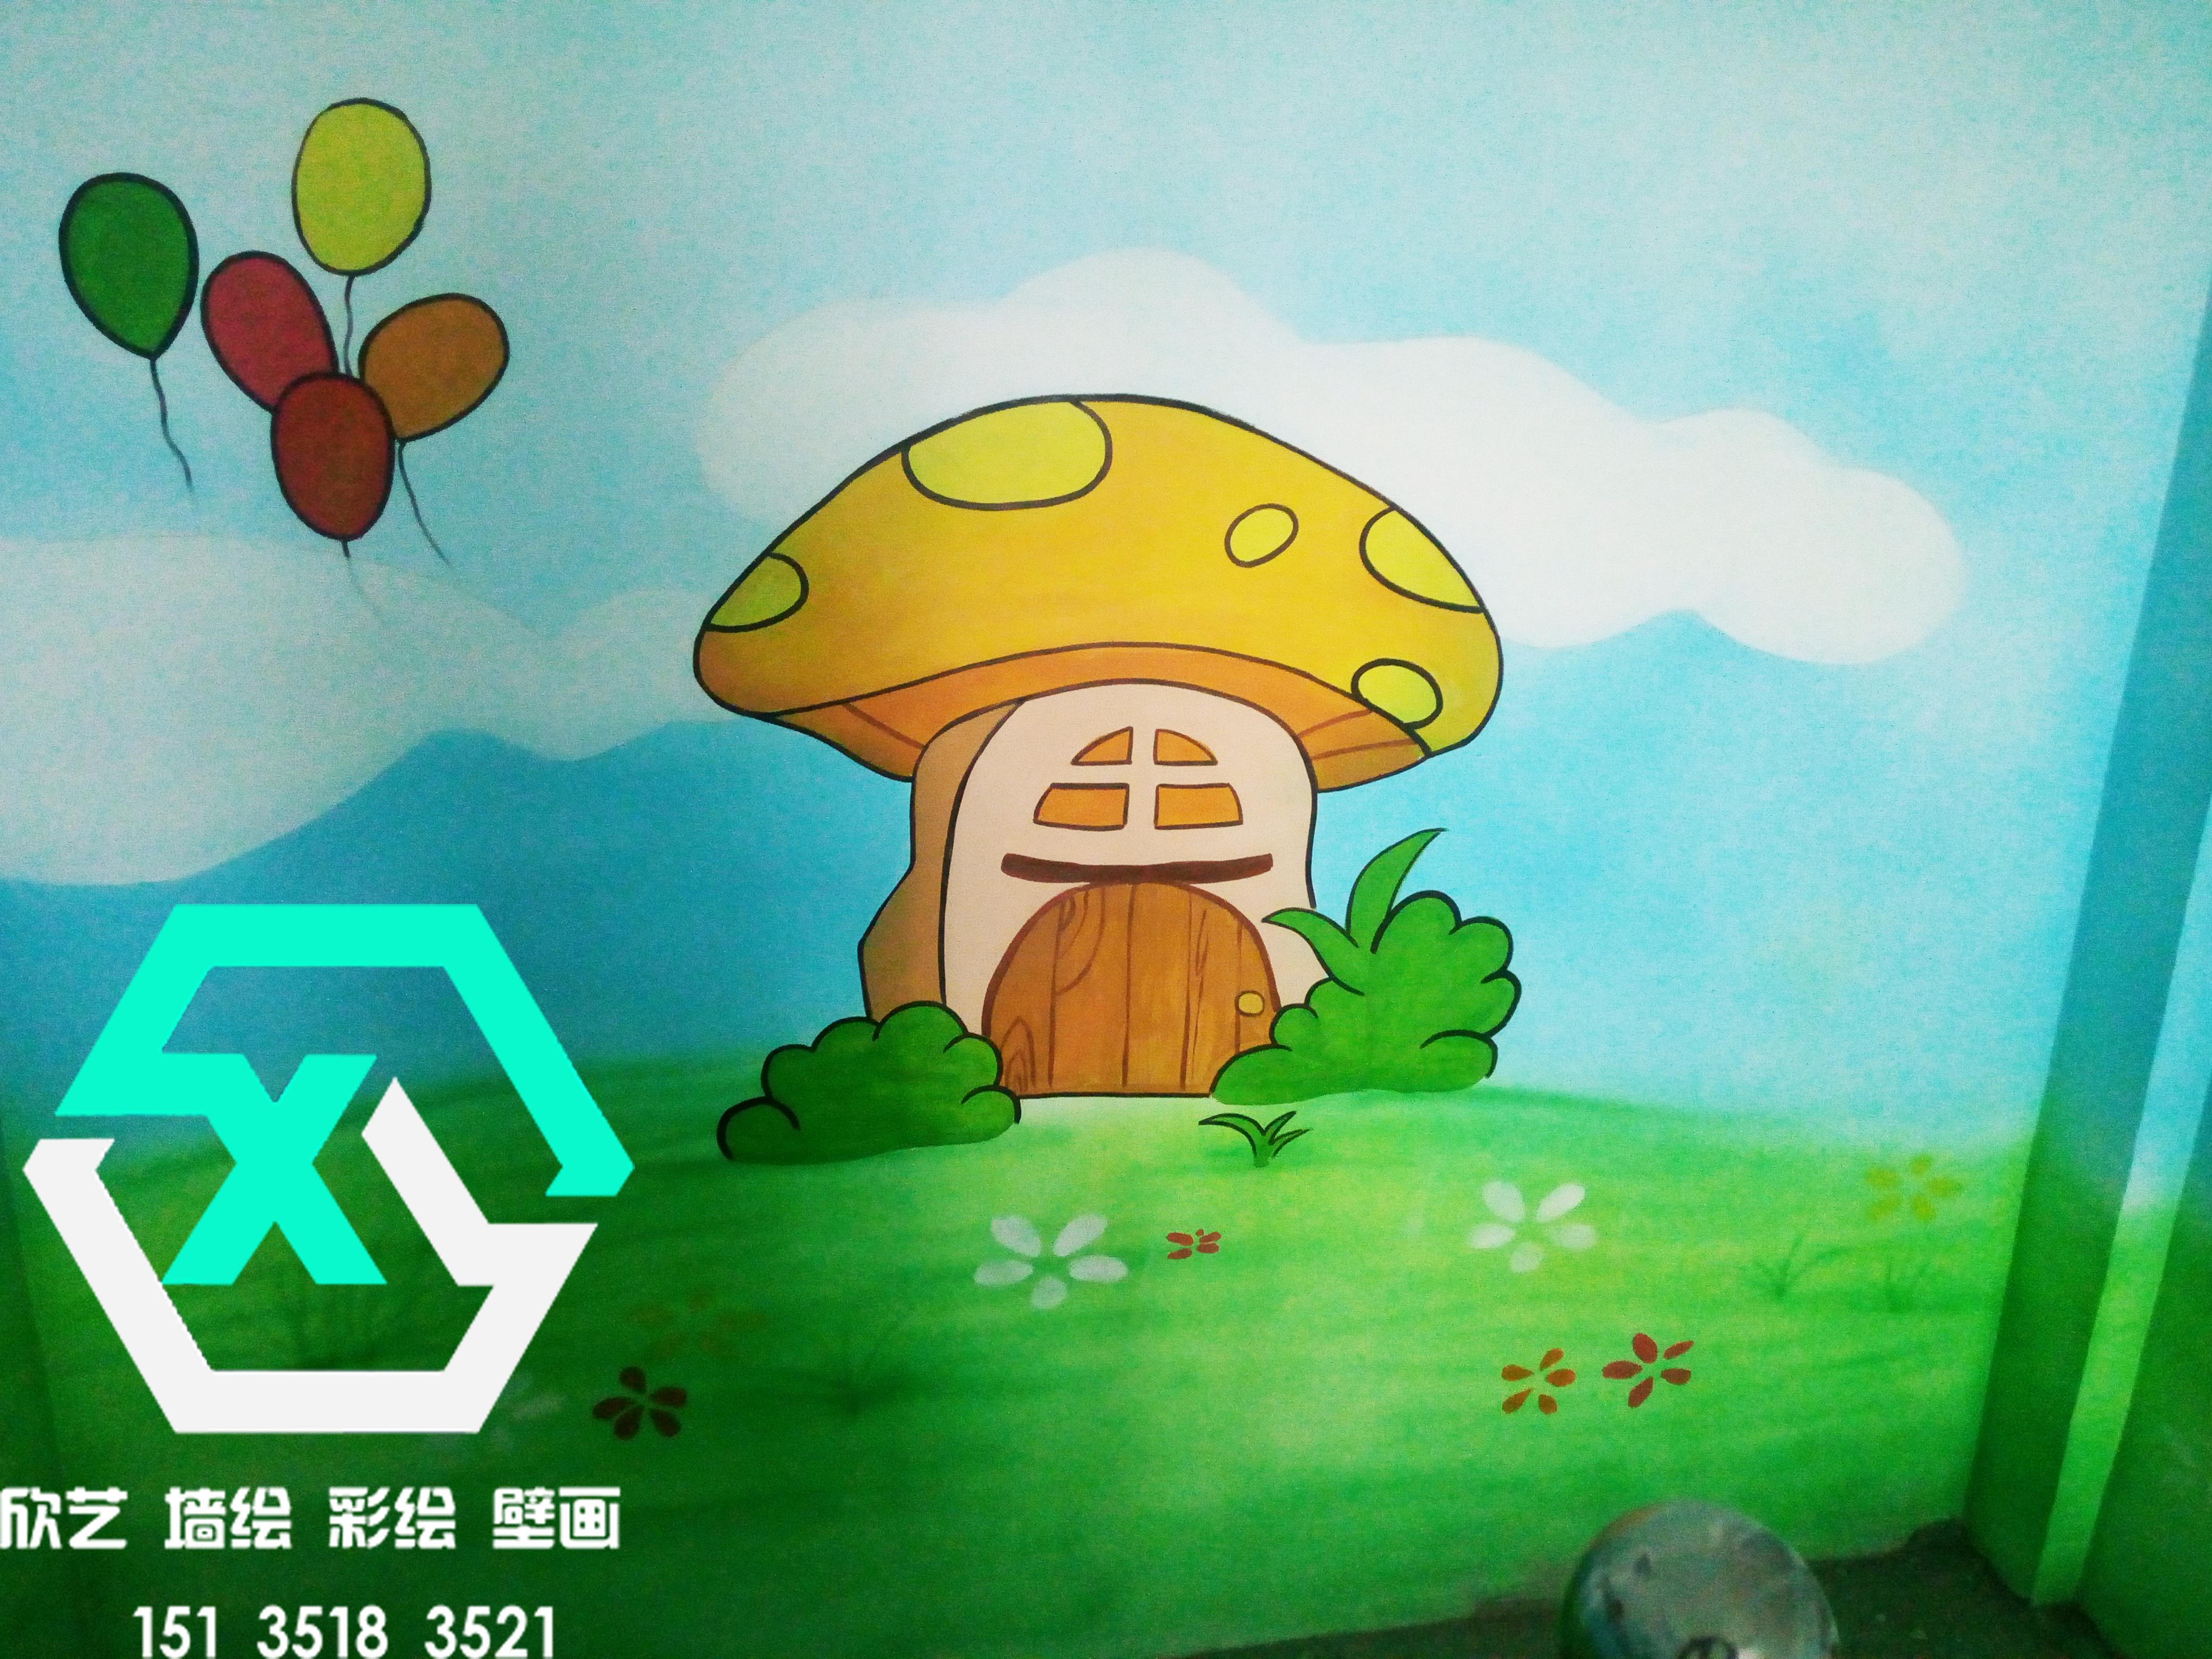 太原欣艺墙绘 手绘 壁画 彩绘 涂鸦幼儿园彩绘